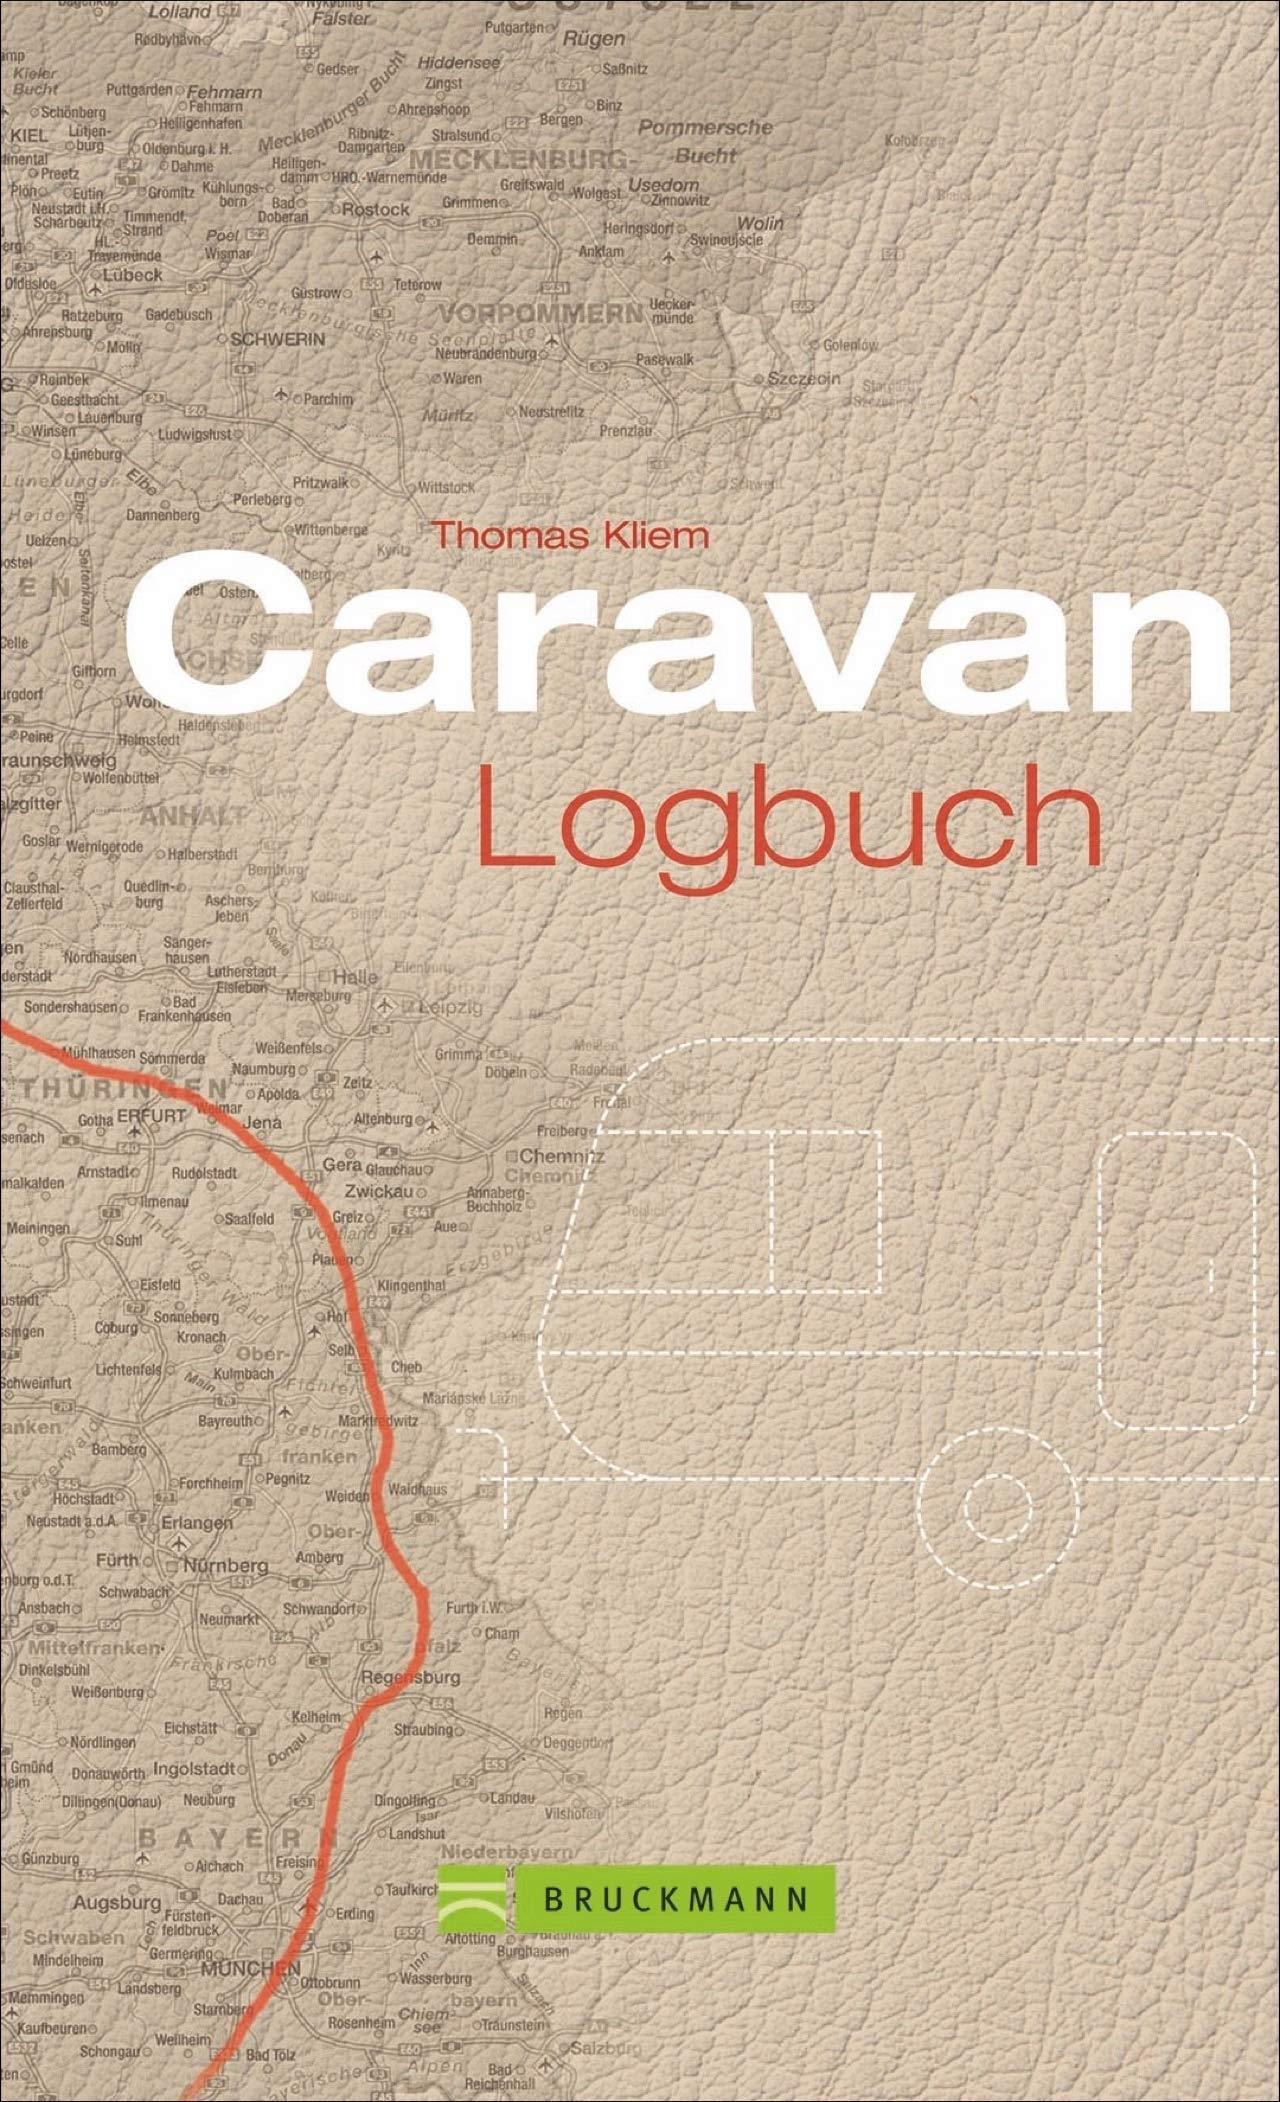 Caravan Logbuch. Ihr individuelles Tagebuch für die Reise mit dem Caravan Wohnwagen oder Wohnmobil. Mit praktischen Tipps und landesspezifischen Infos. Ideales Geschenk für alle Caravan-Reisenden.